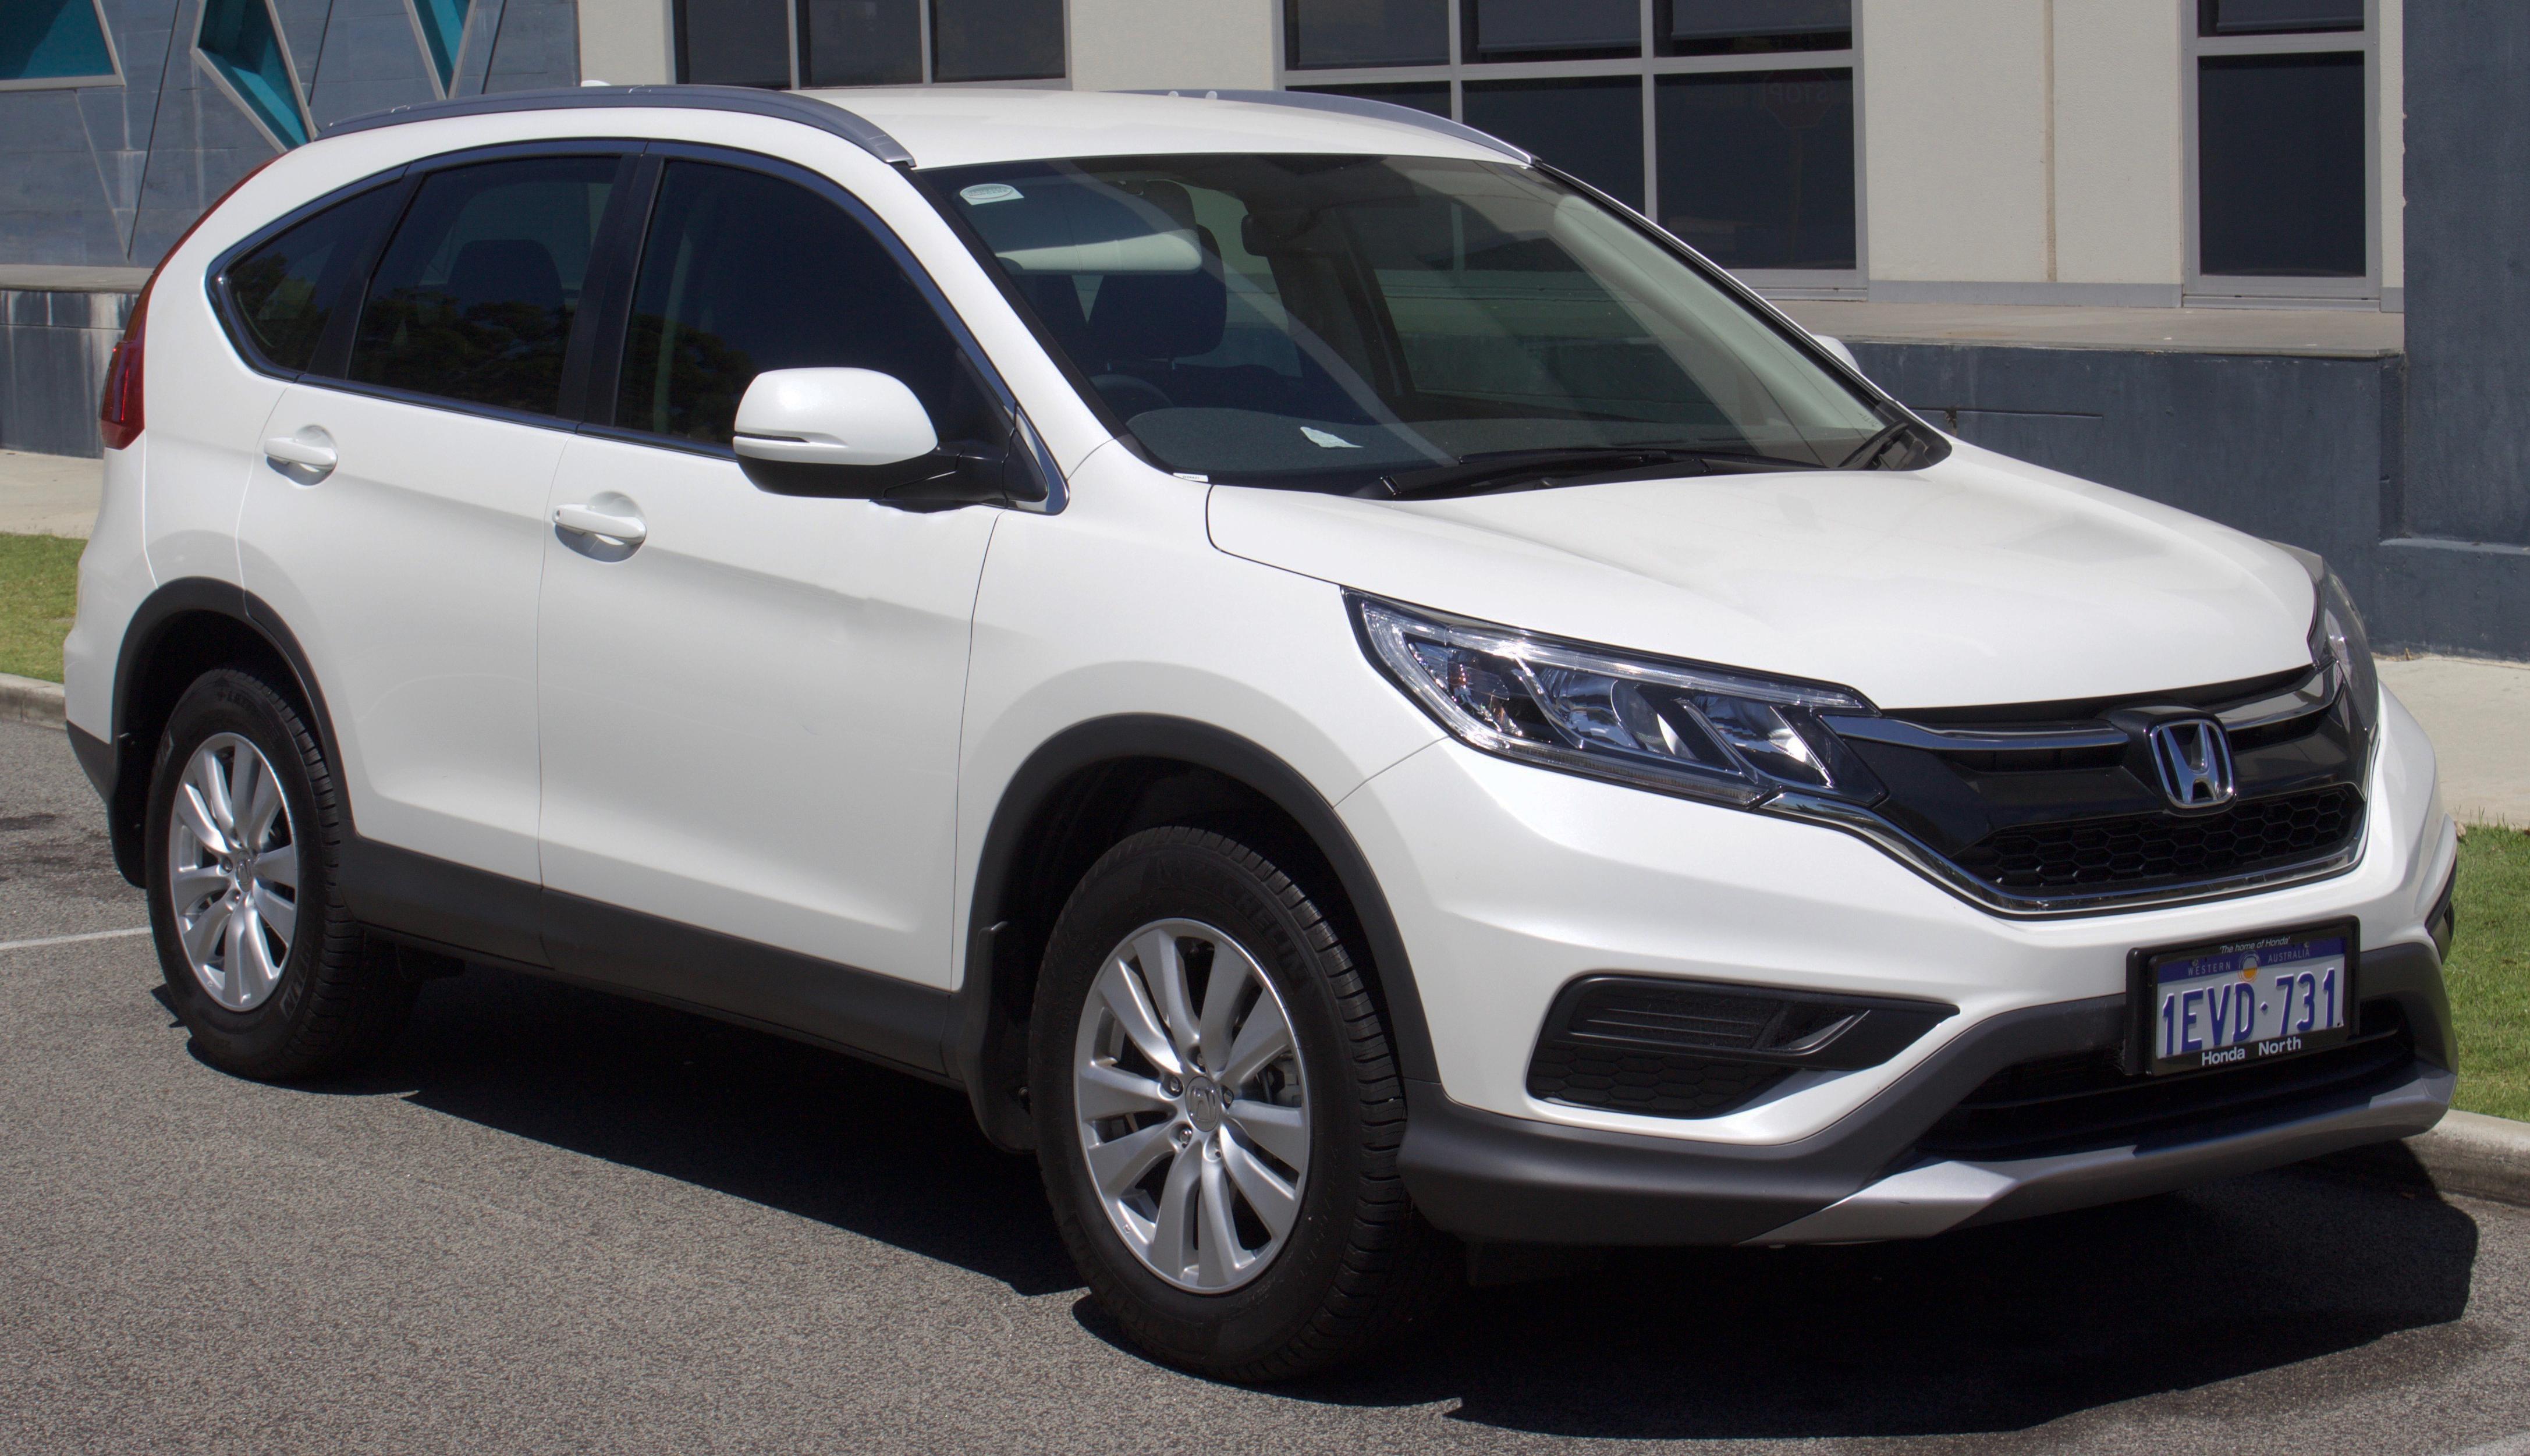 Honda Crv New Car